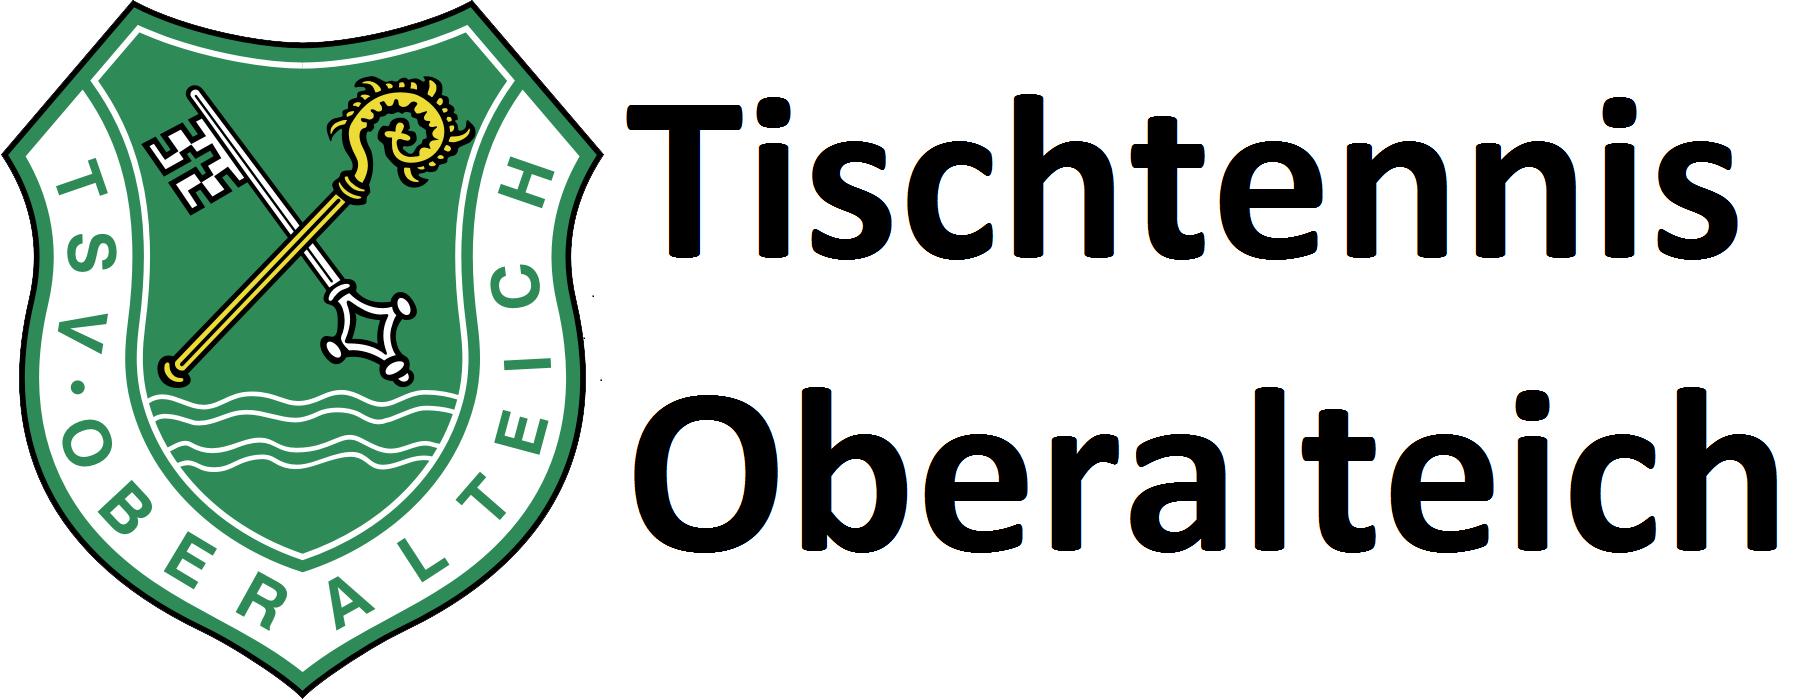 Tischtennis Oberalteich